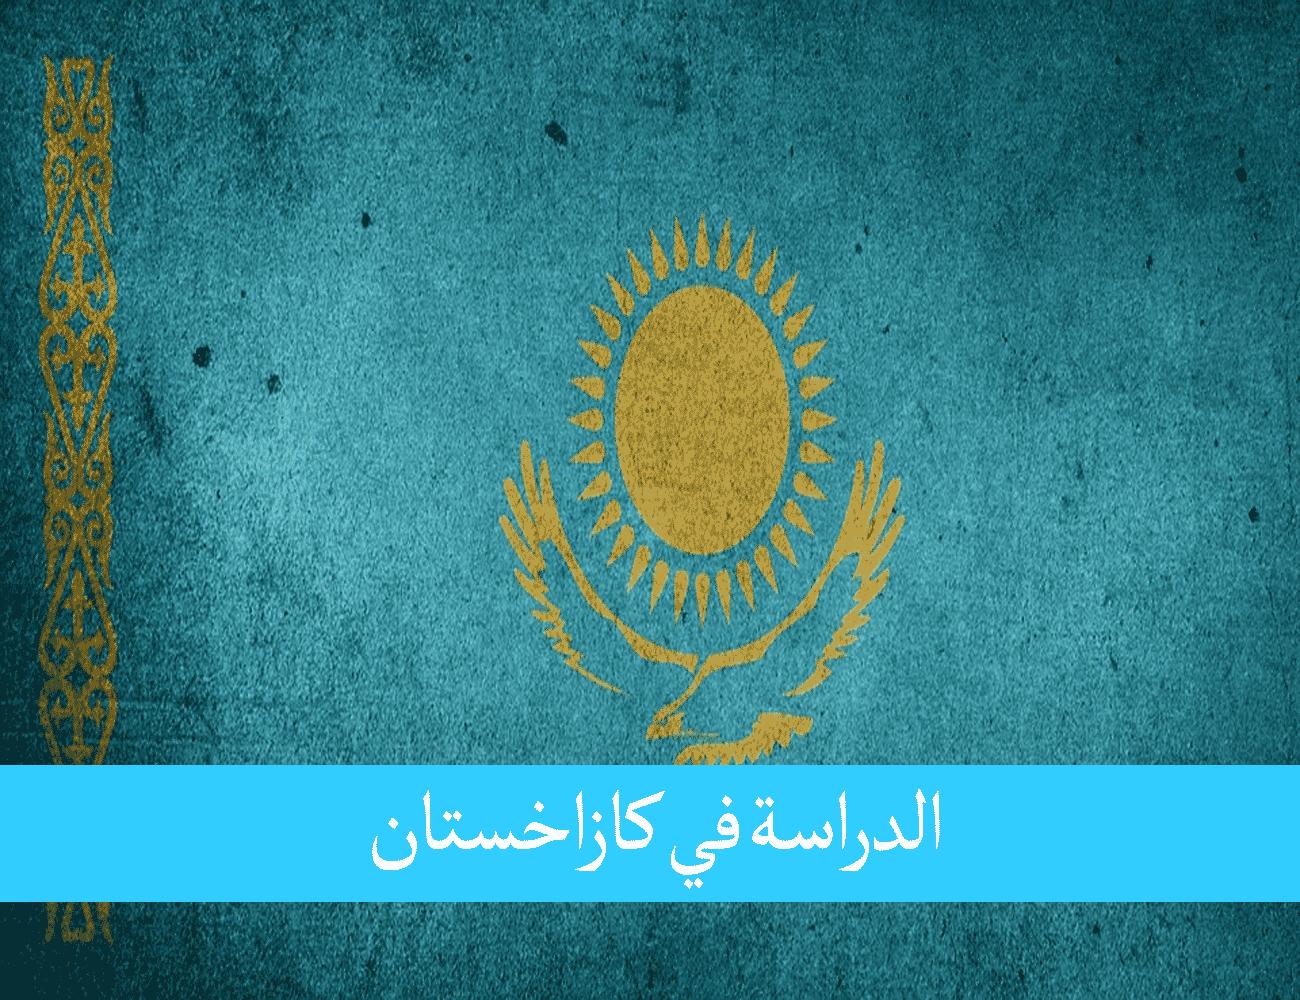 الدراسة في كازاخستان للمغاربة الوجهة الناشئة للدراسة الدولية